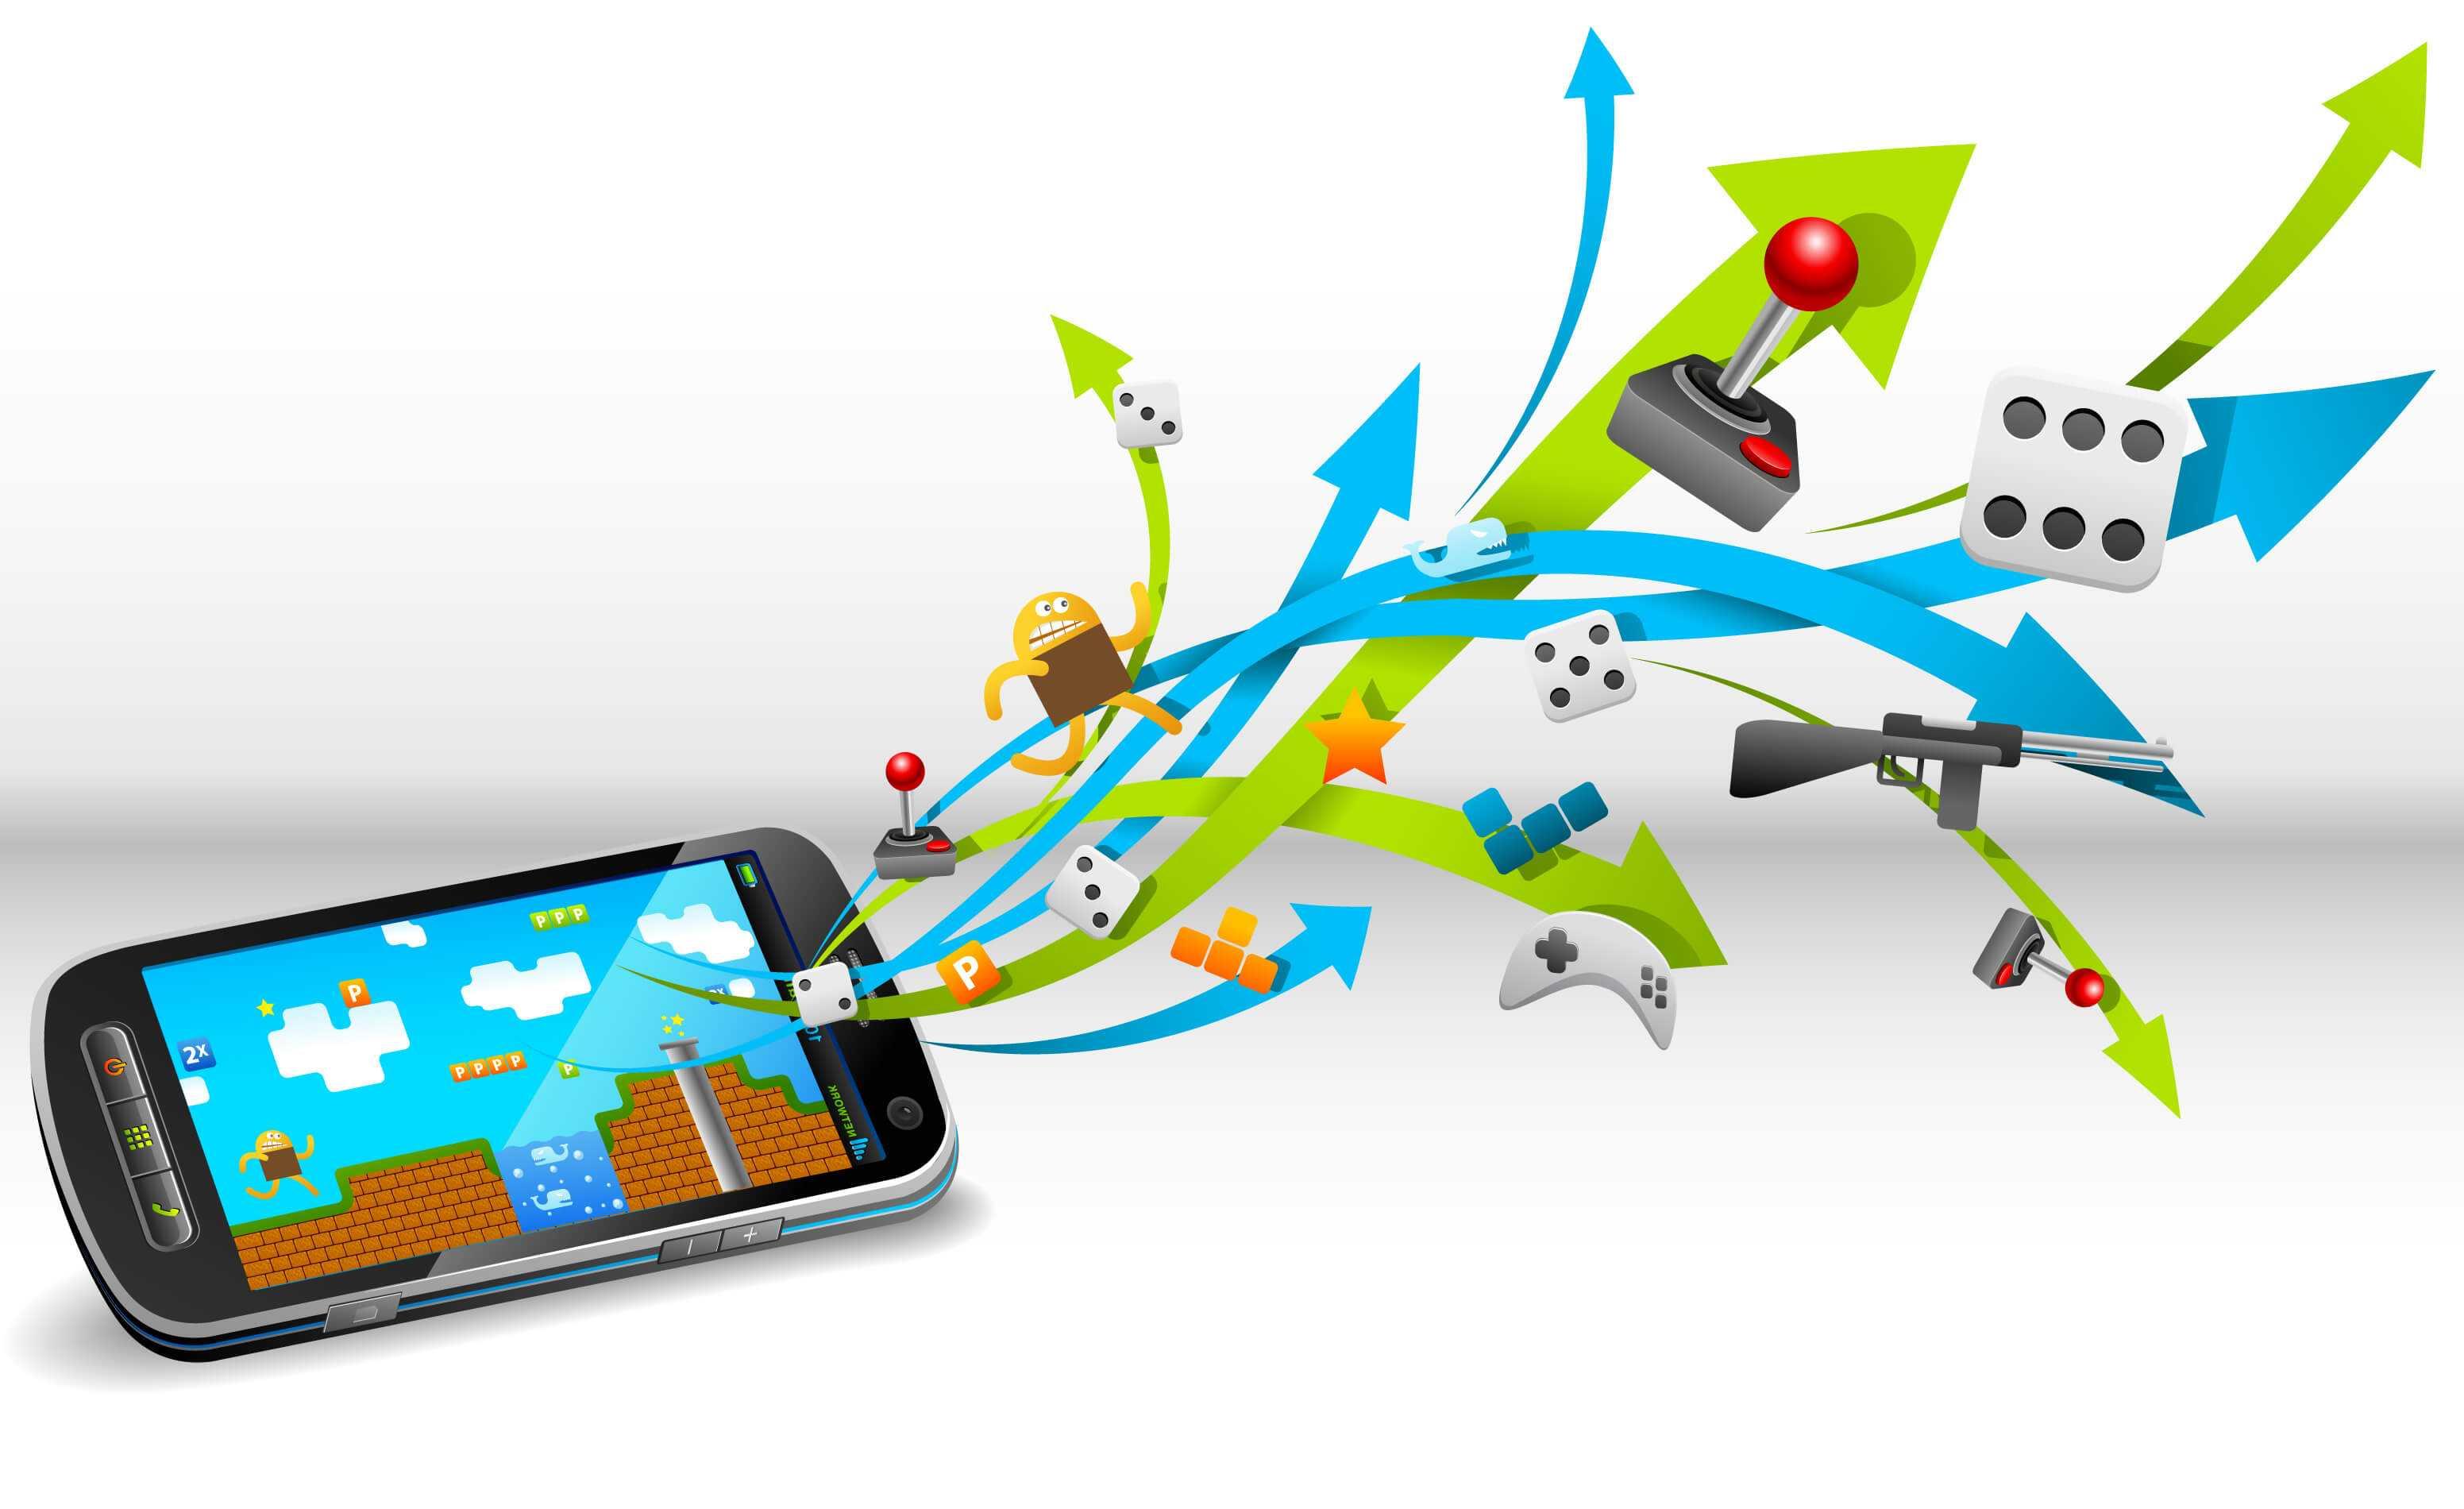 Haftanın iOS ve Android Oyunları (23 Mayıs 2015)